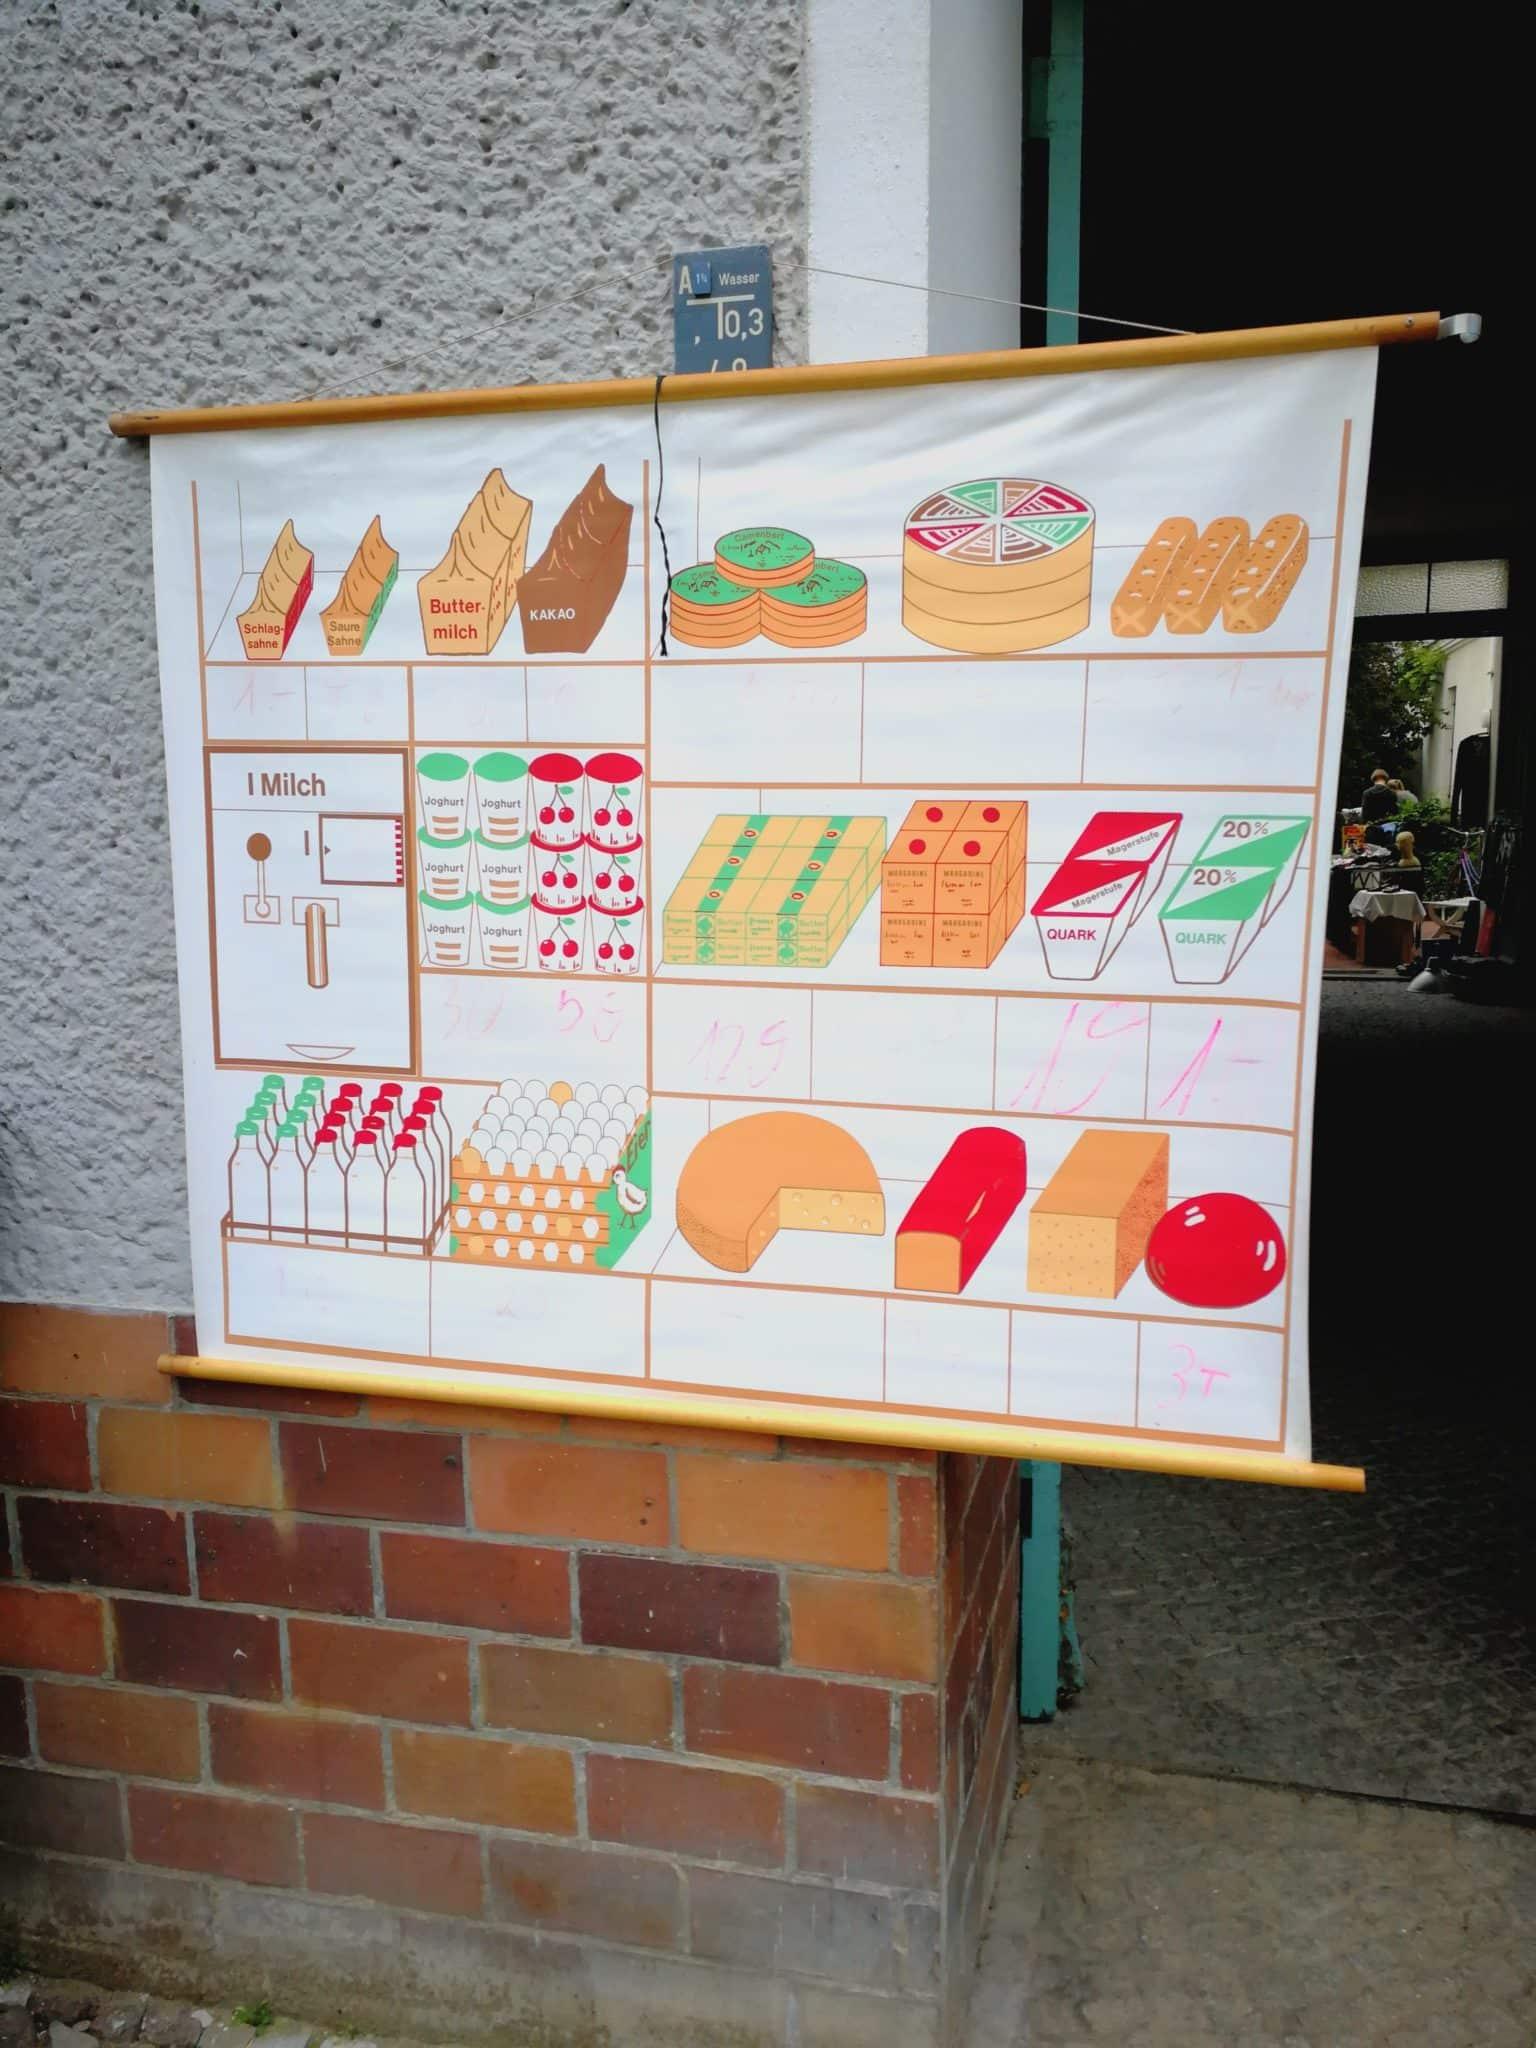 Unser Wochenende In Bildern Hinterhofflohmarkt Und Kaffee